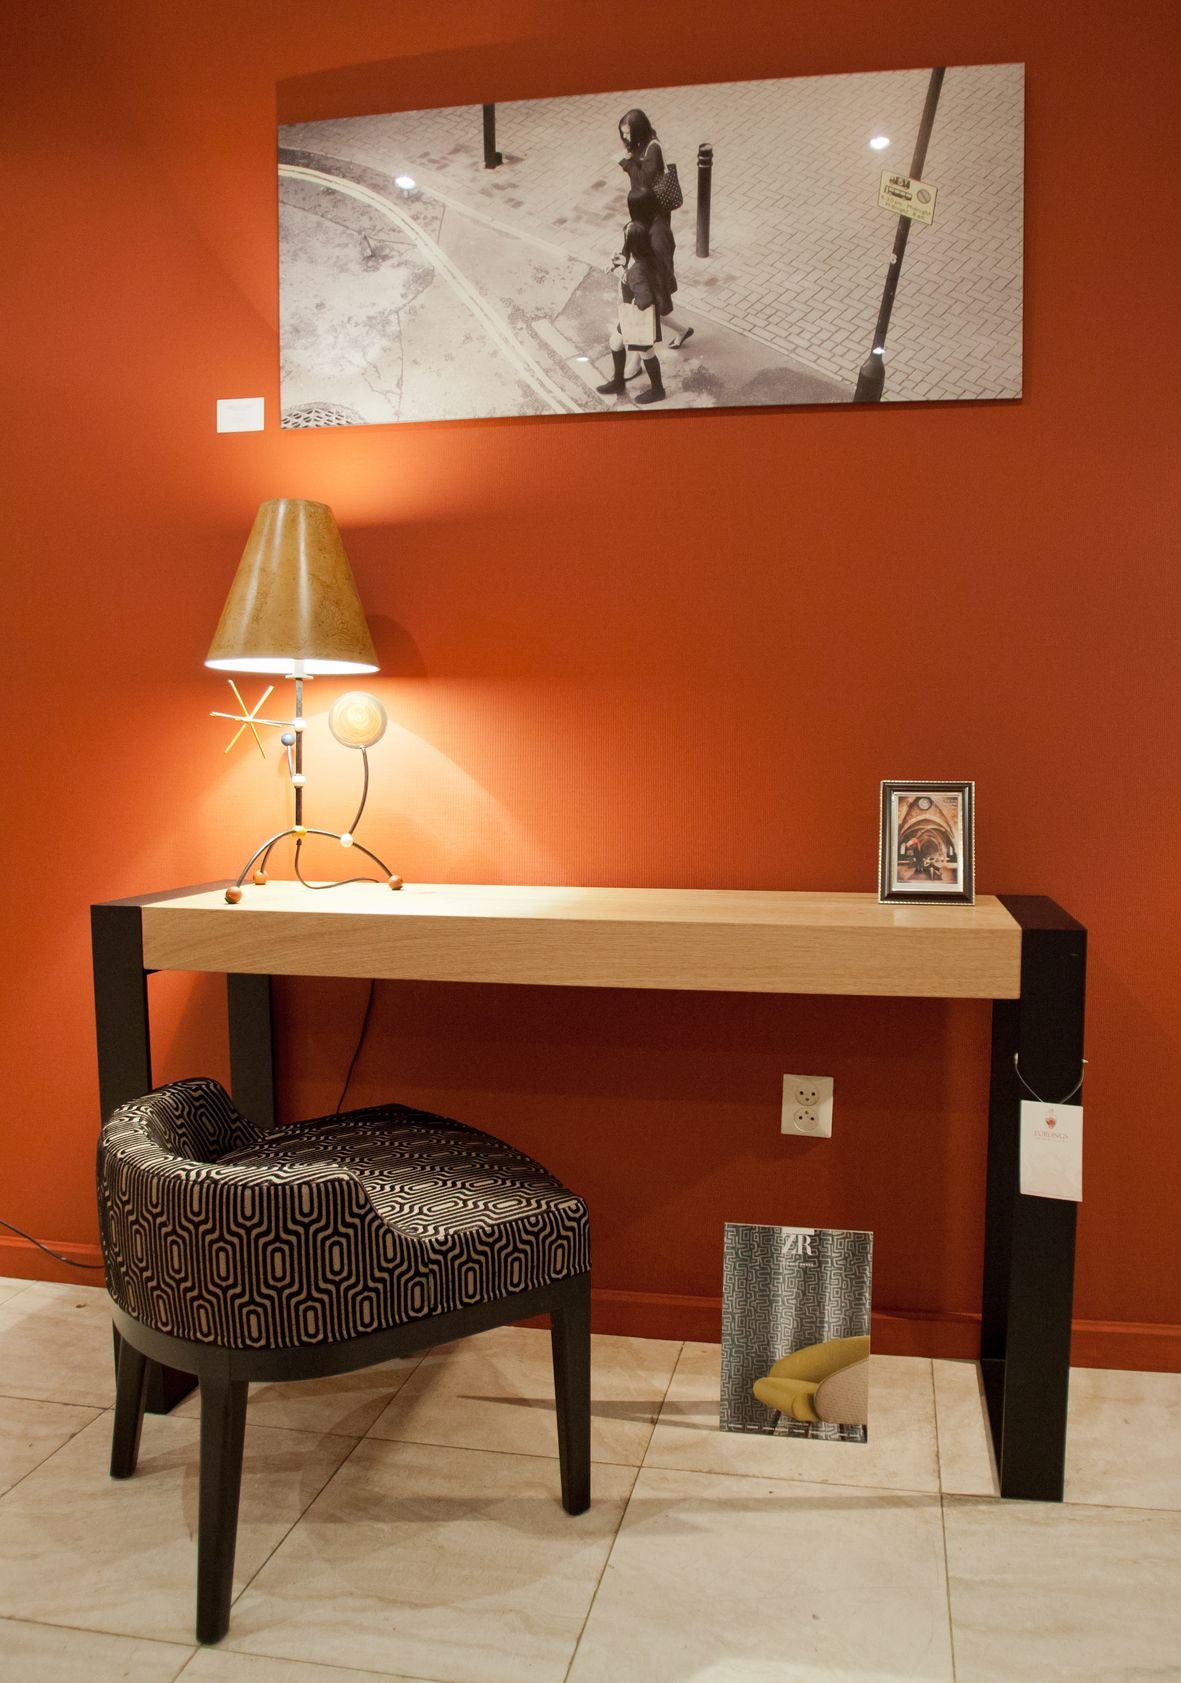 van rossum meubelen bij eurlings interieurs valkenburgerweg 43 voerendaal fotografie edwin verhoef studio